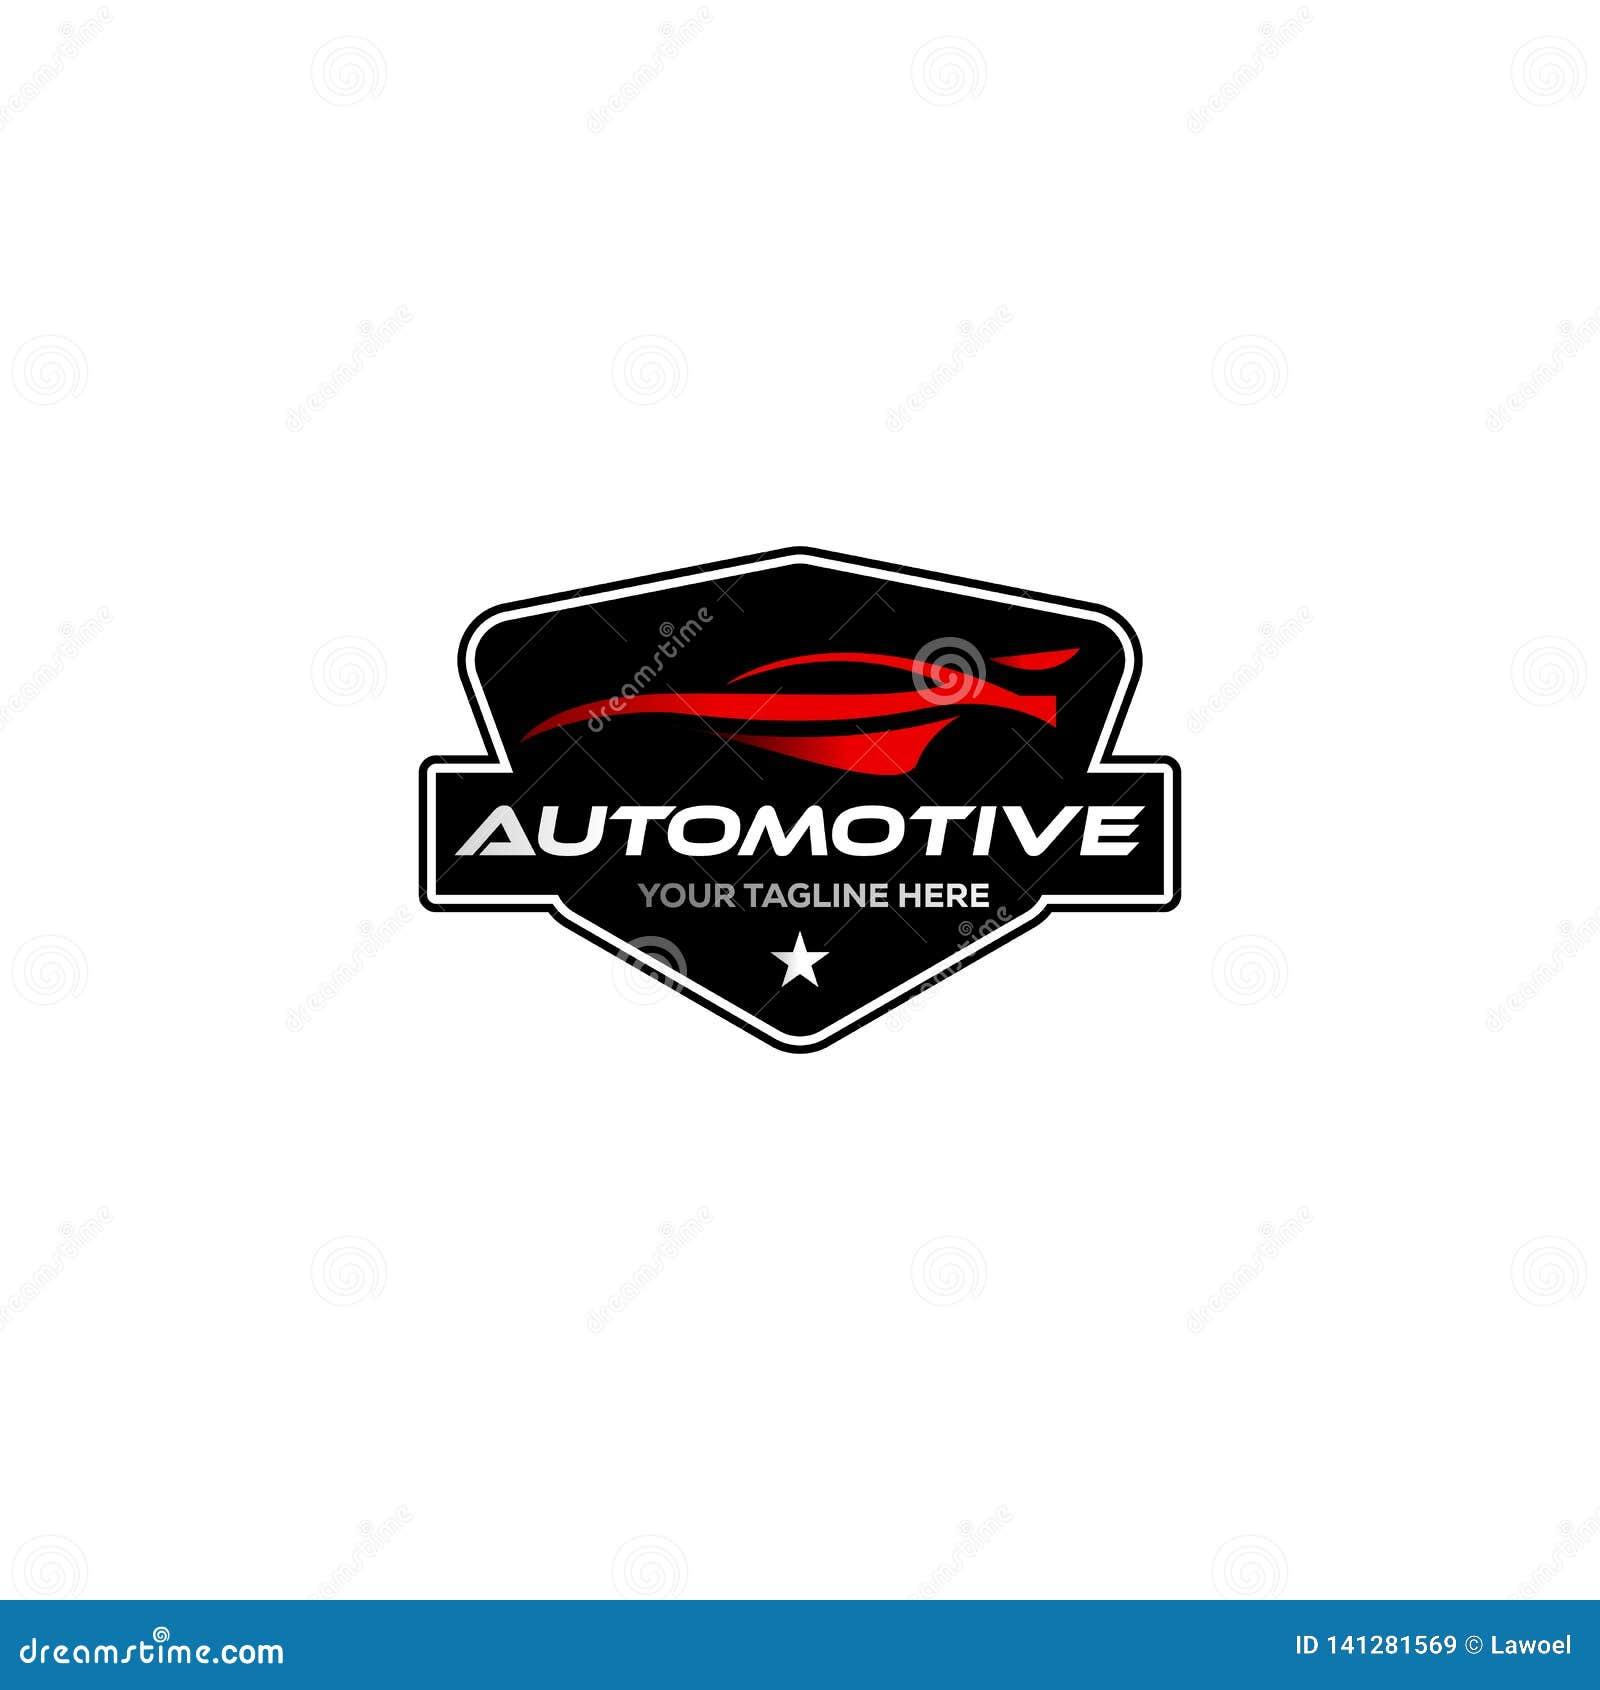 Rocznik, klasyczni automobilowi logo projekty z odznaką/